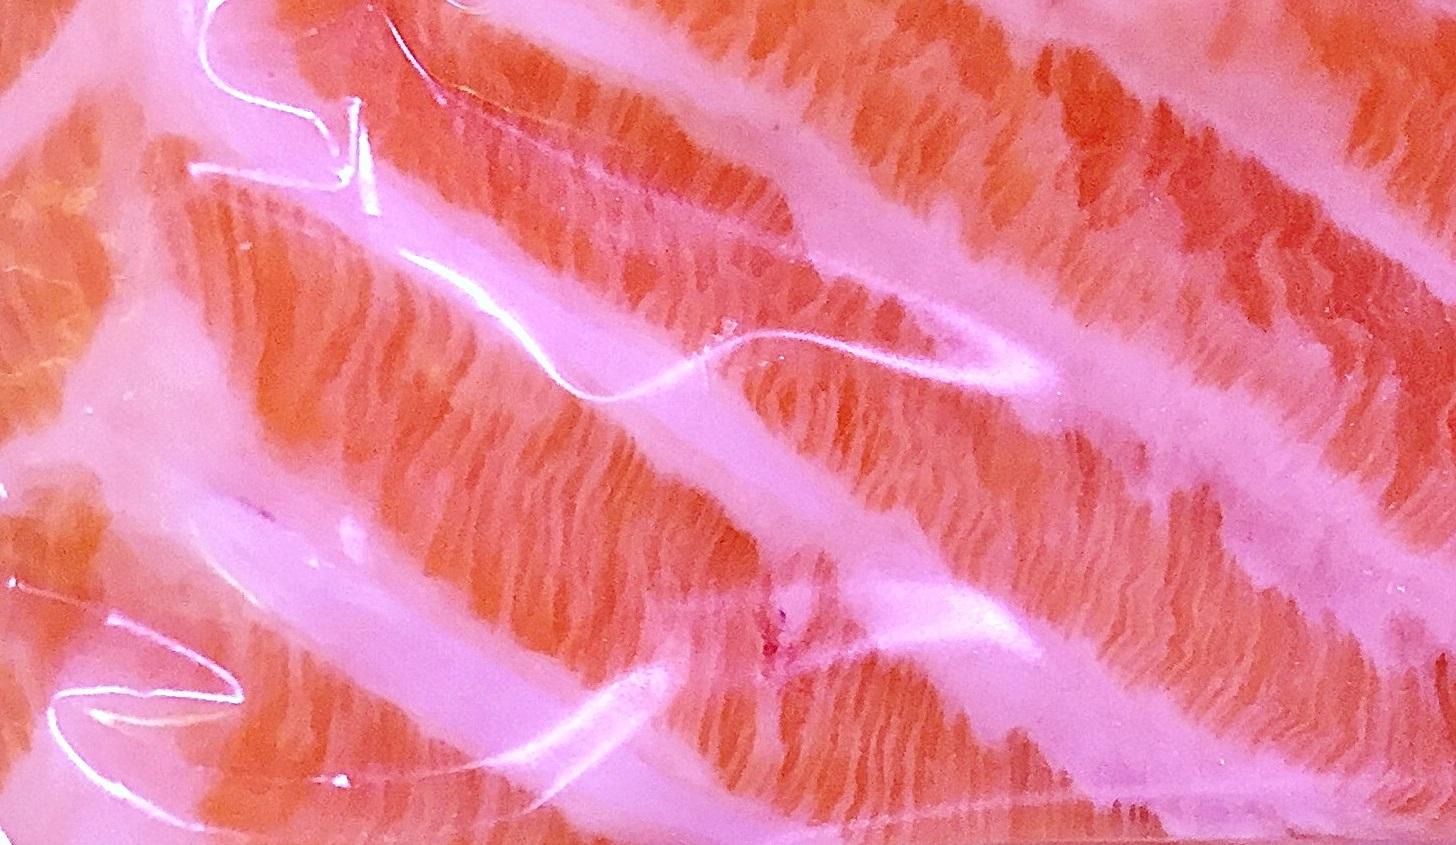 Et bilde fra en standard oppdrettsørret fra fiskedisken på Meny